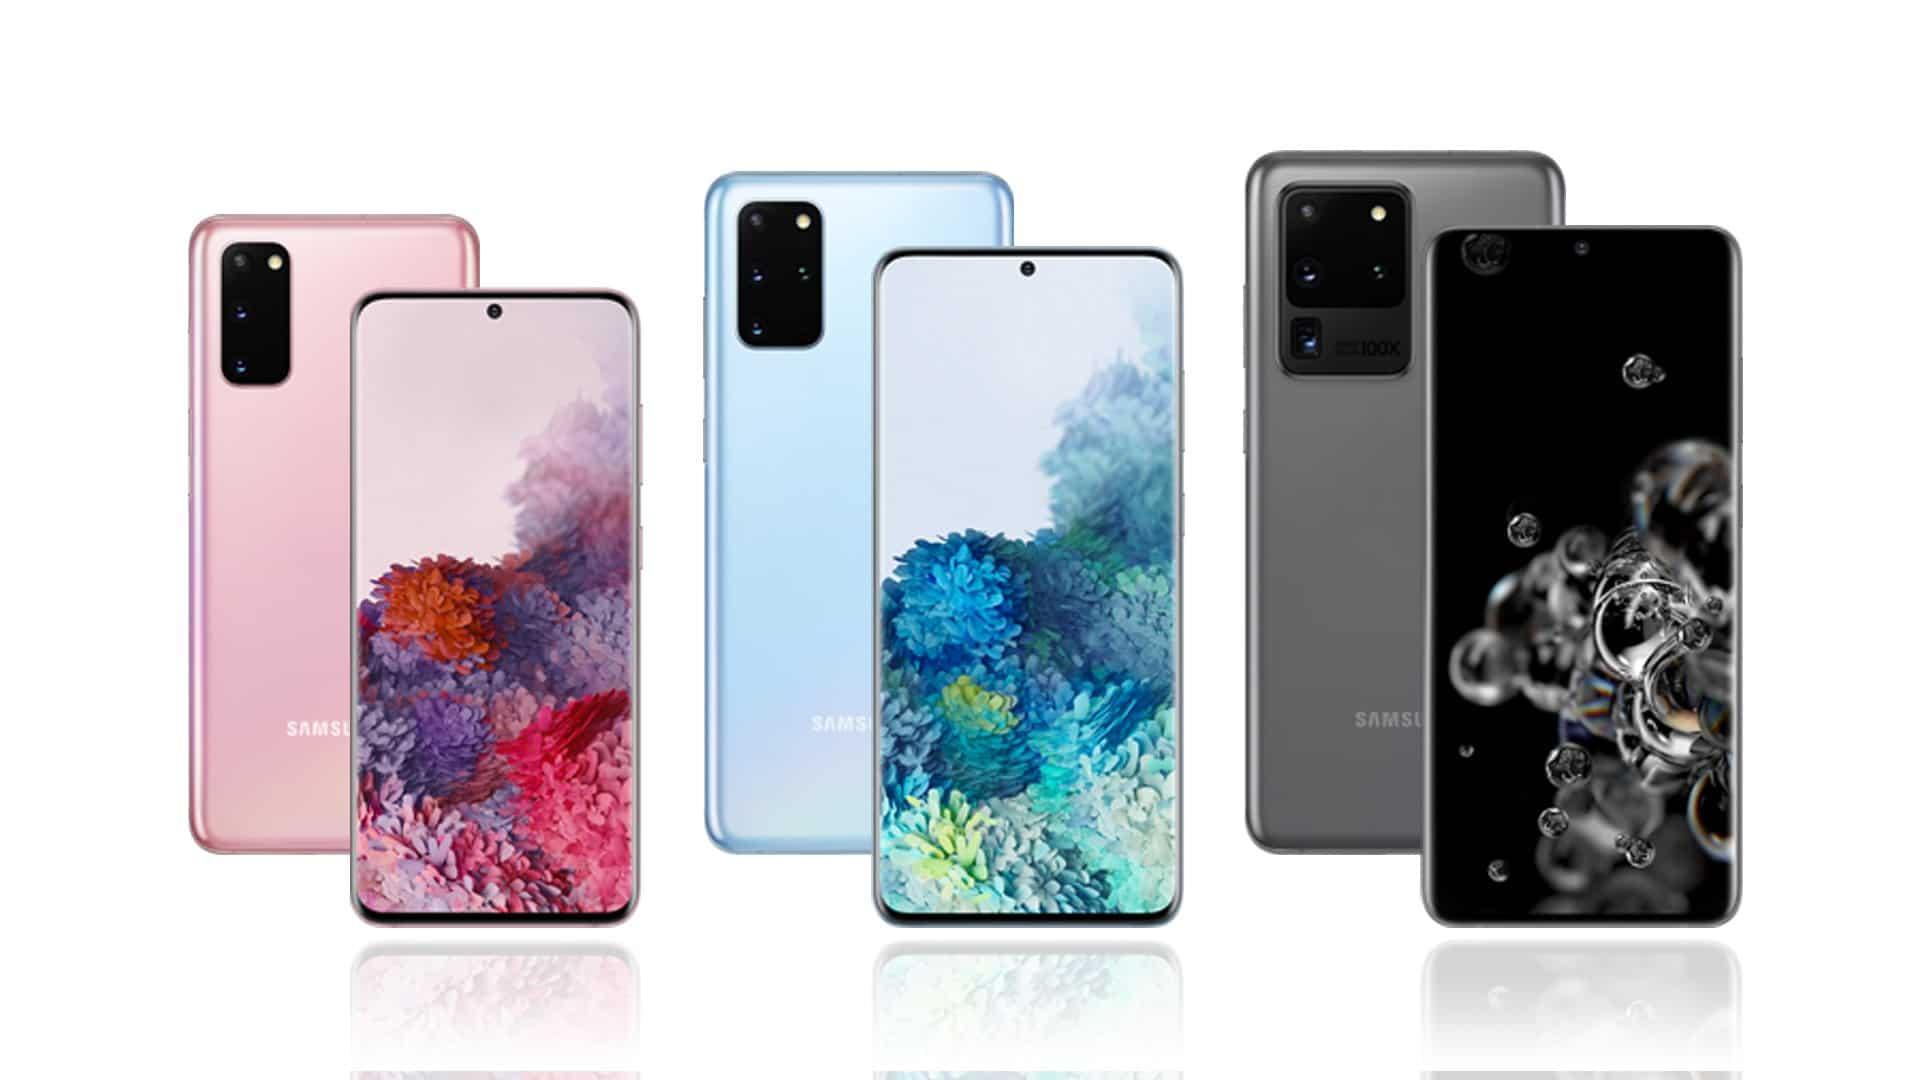 Samsung Galaxy S20 - Samsung Galaxy S20 +